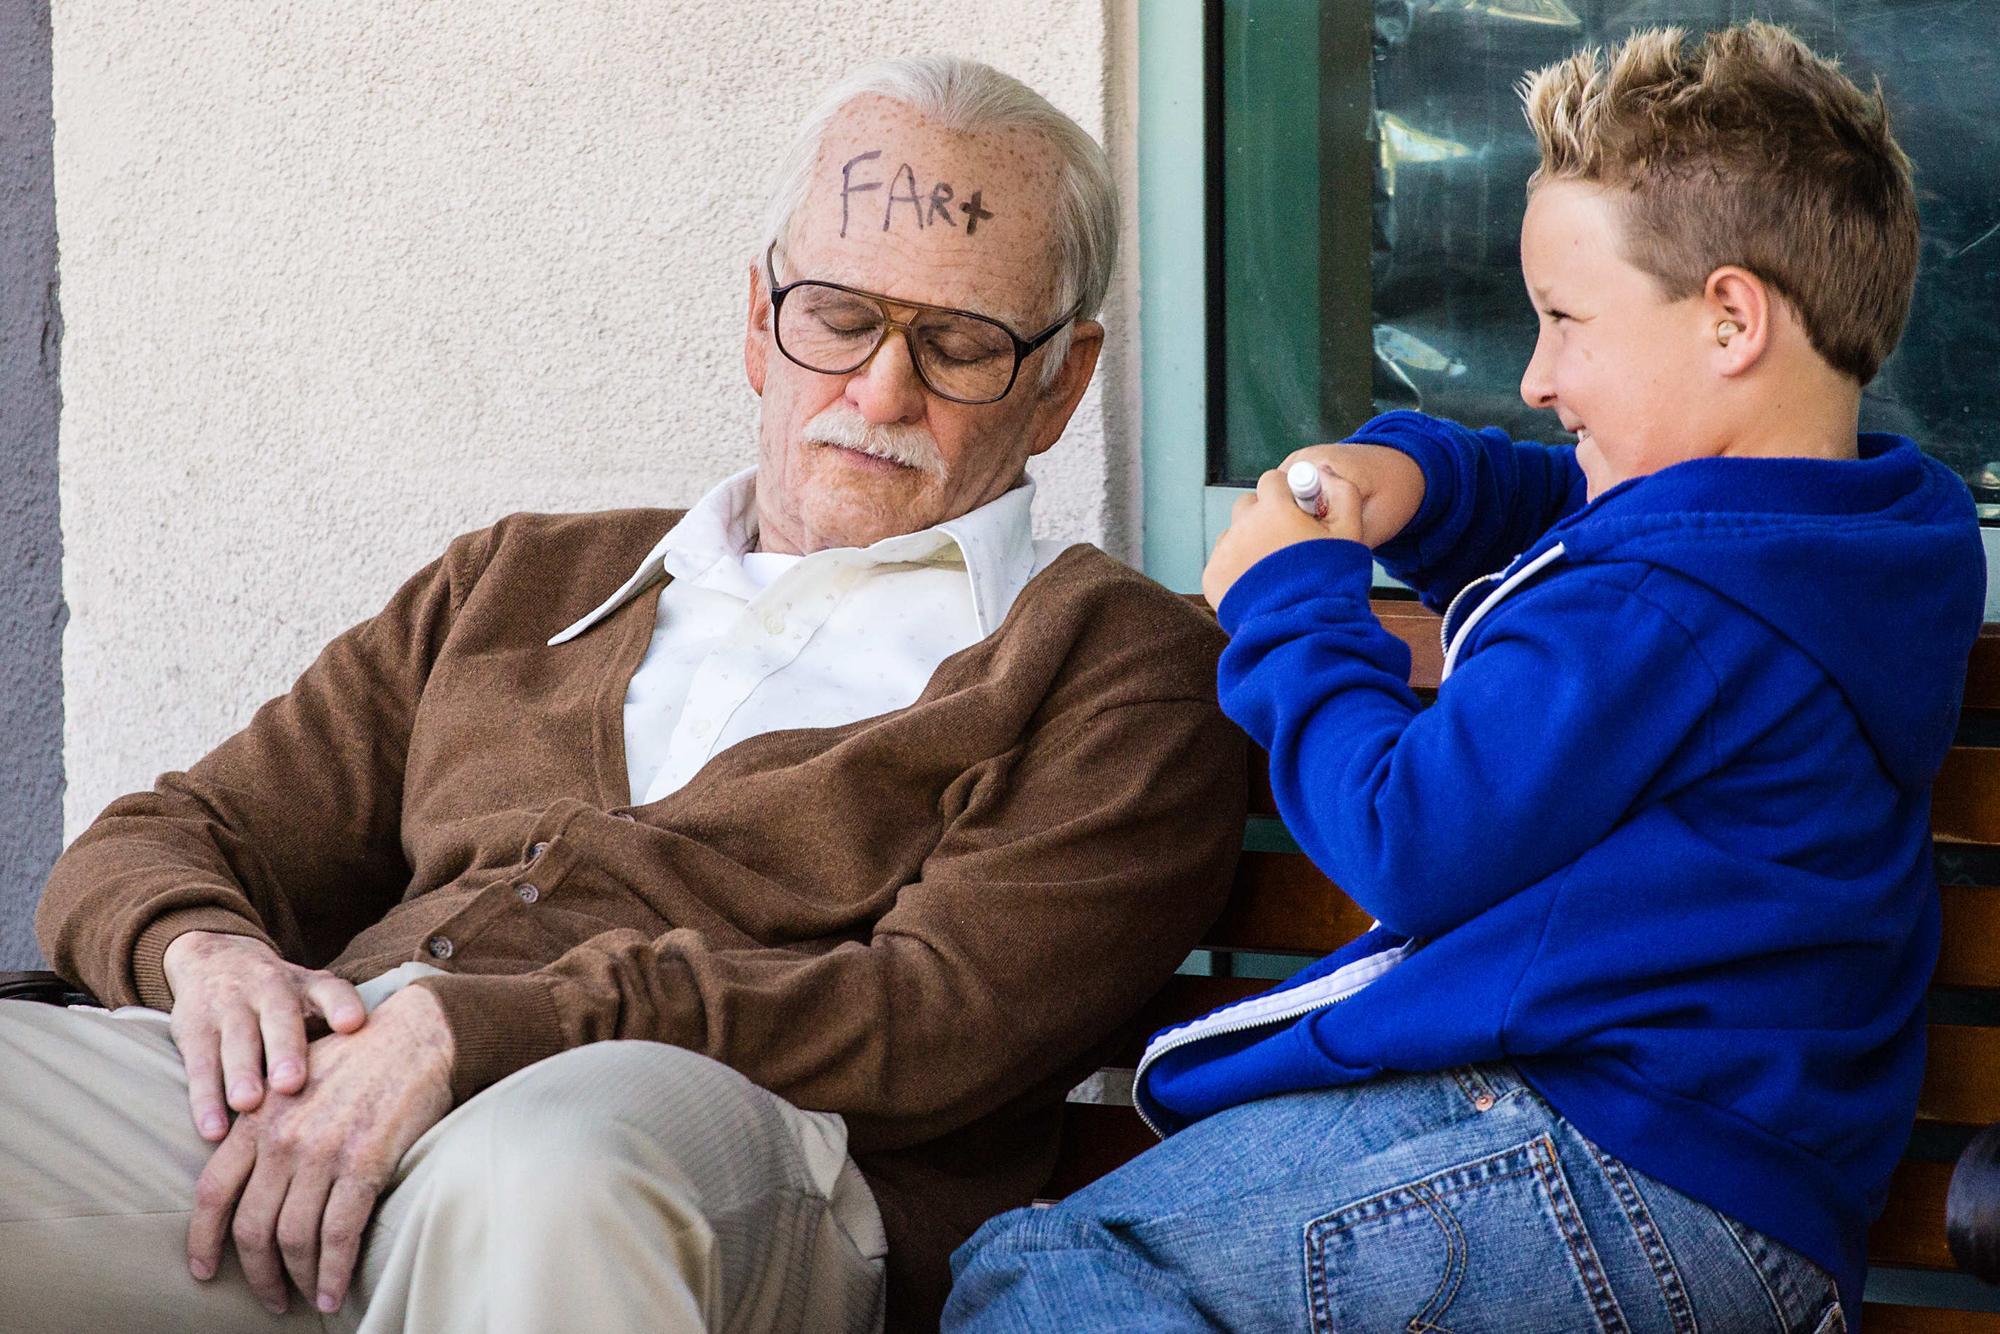 Рассказы как я сосу у деда, : Эротические рассказы и секс. Рассказ 16 фотография